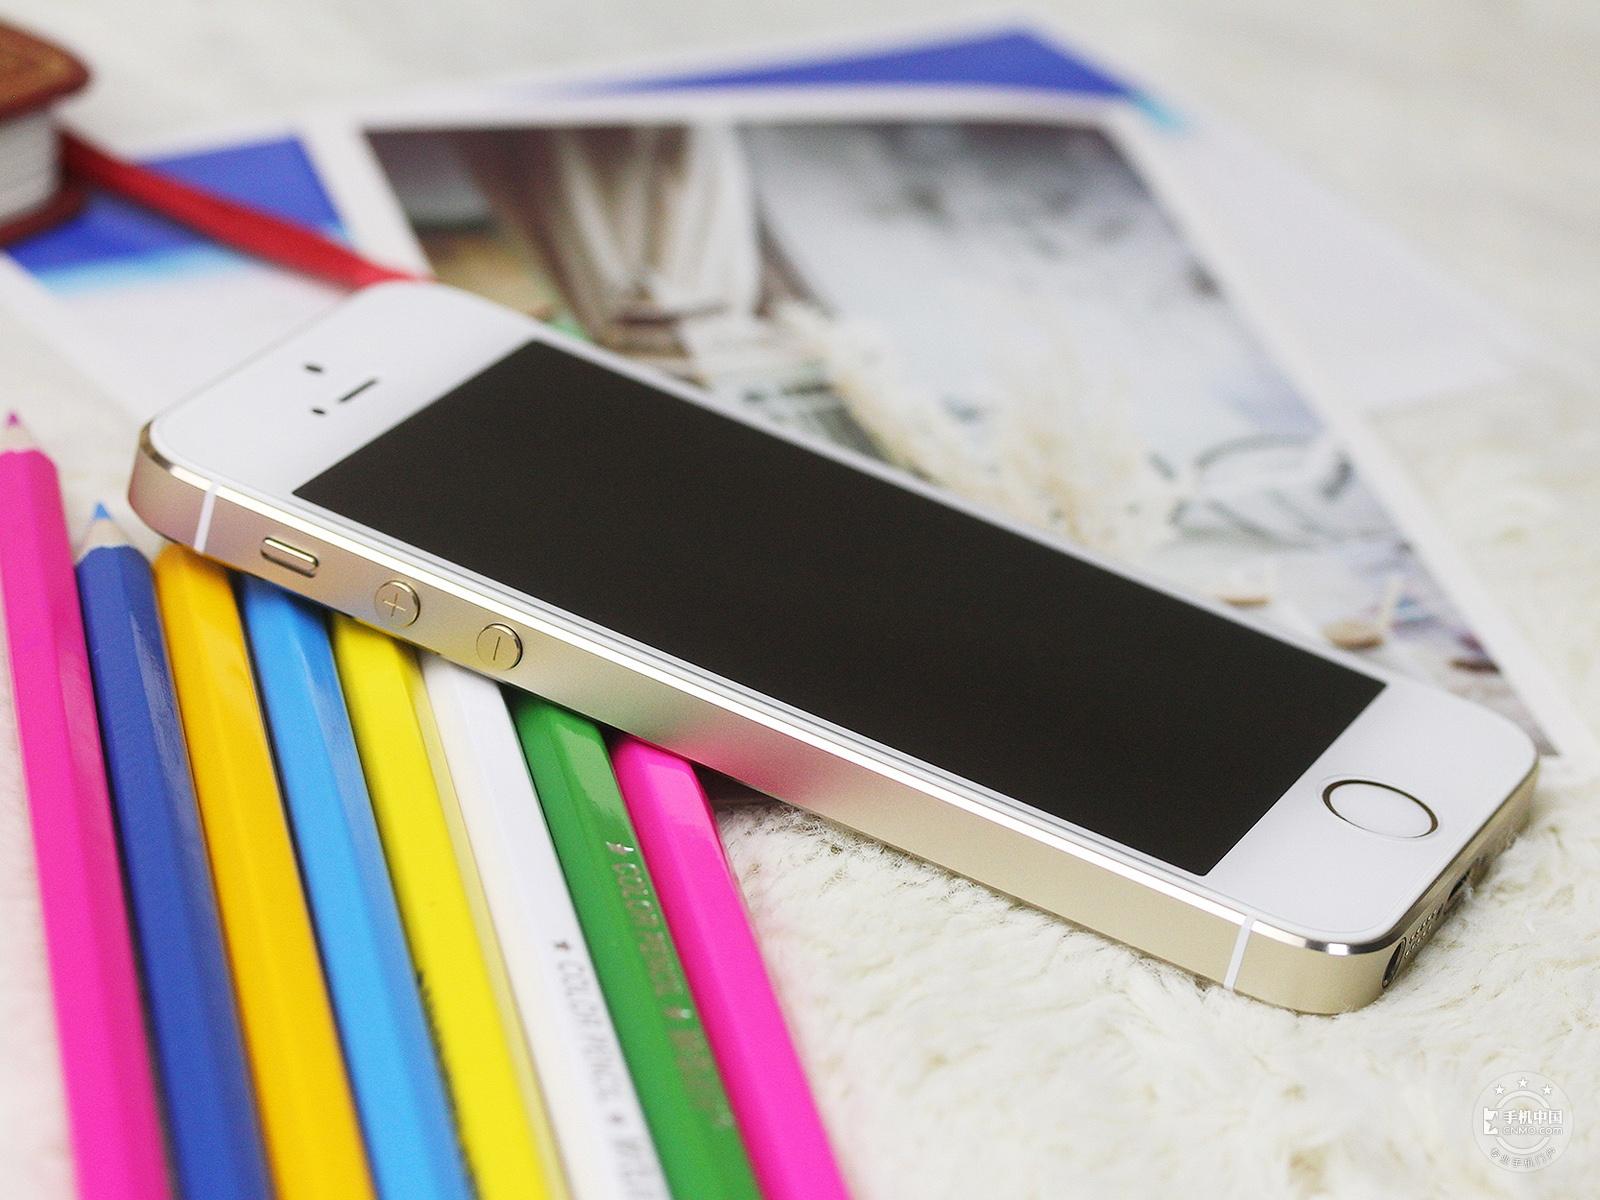 苹果iPhone5s(电信版)整体外观第4张